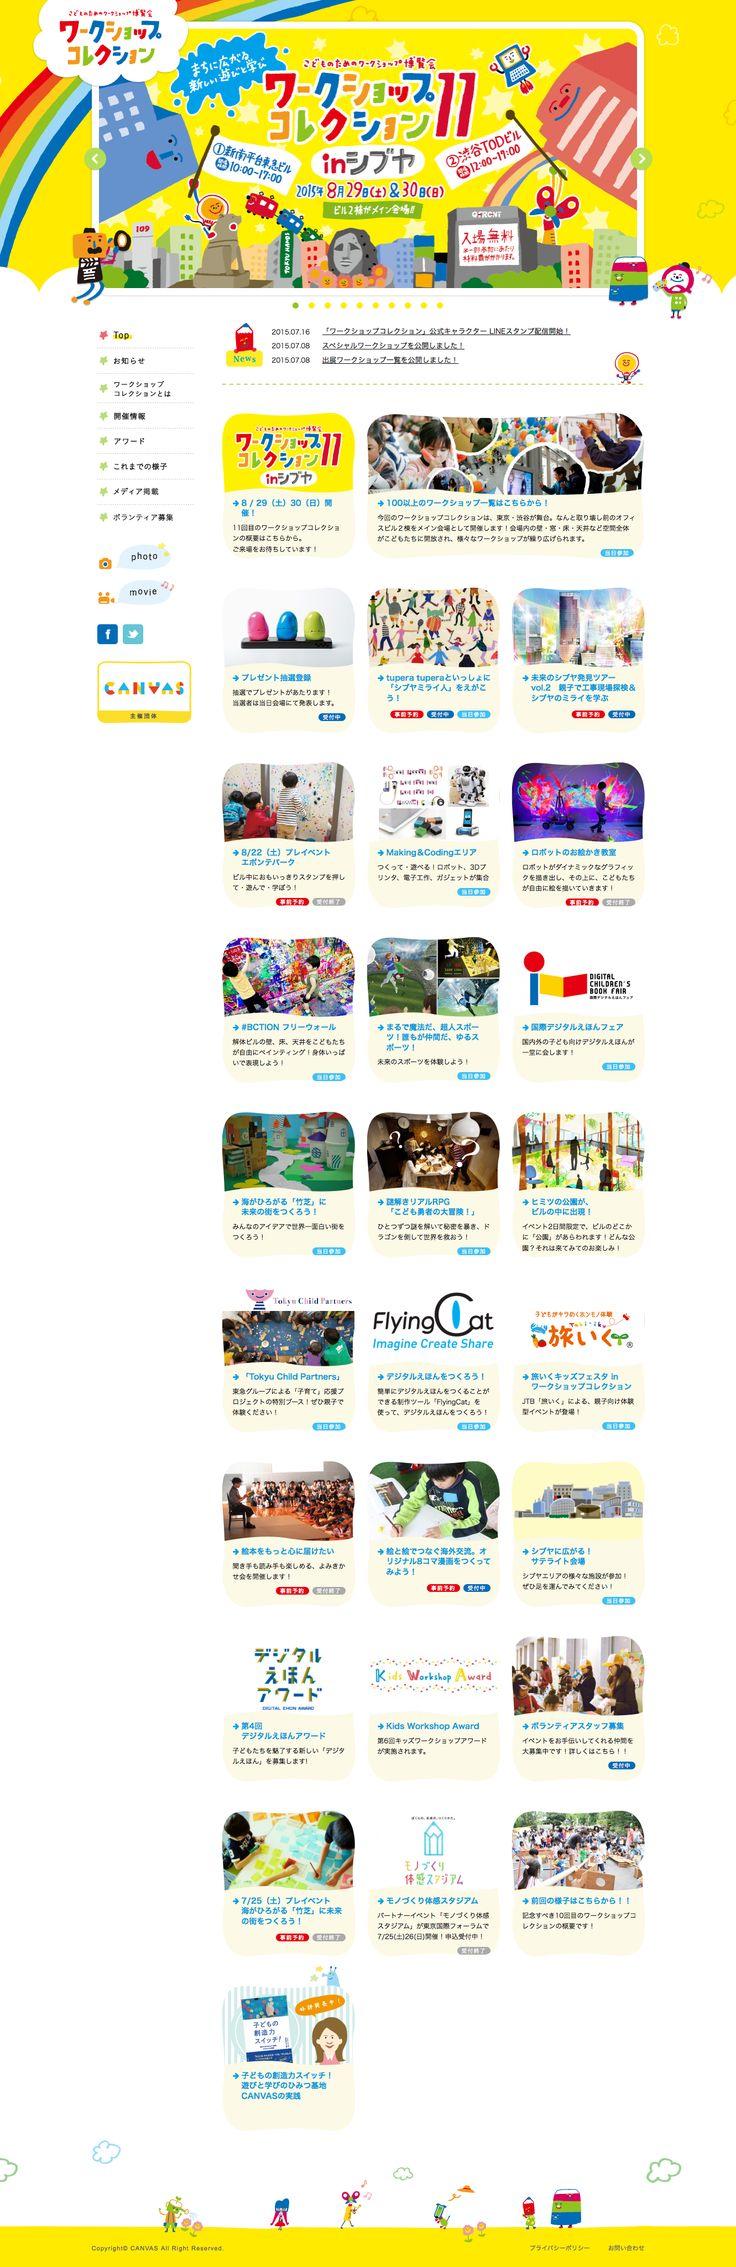 こどものためのワークショップ博覧会「ワークショップコレクション」- 子ども向けのデザインで手書きっぽいイラストとかかわいい♡|Webdesign, design, Pop, Yellow, Kids